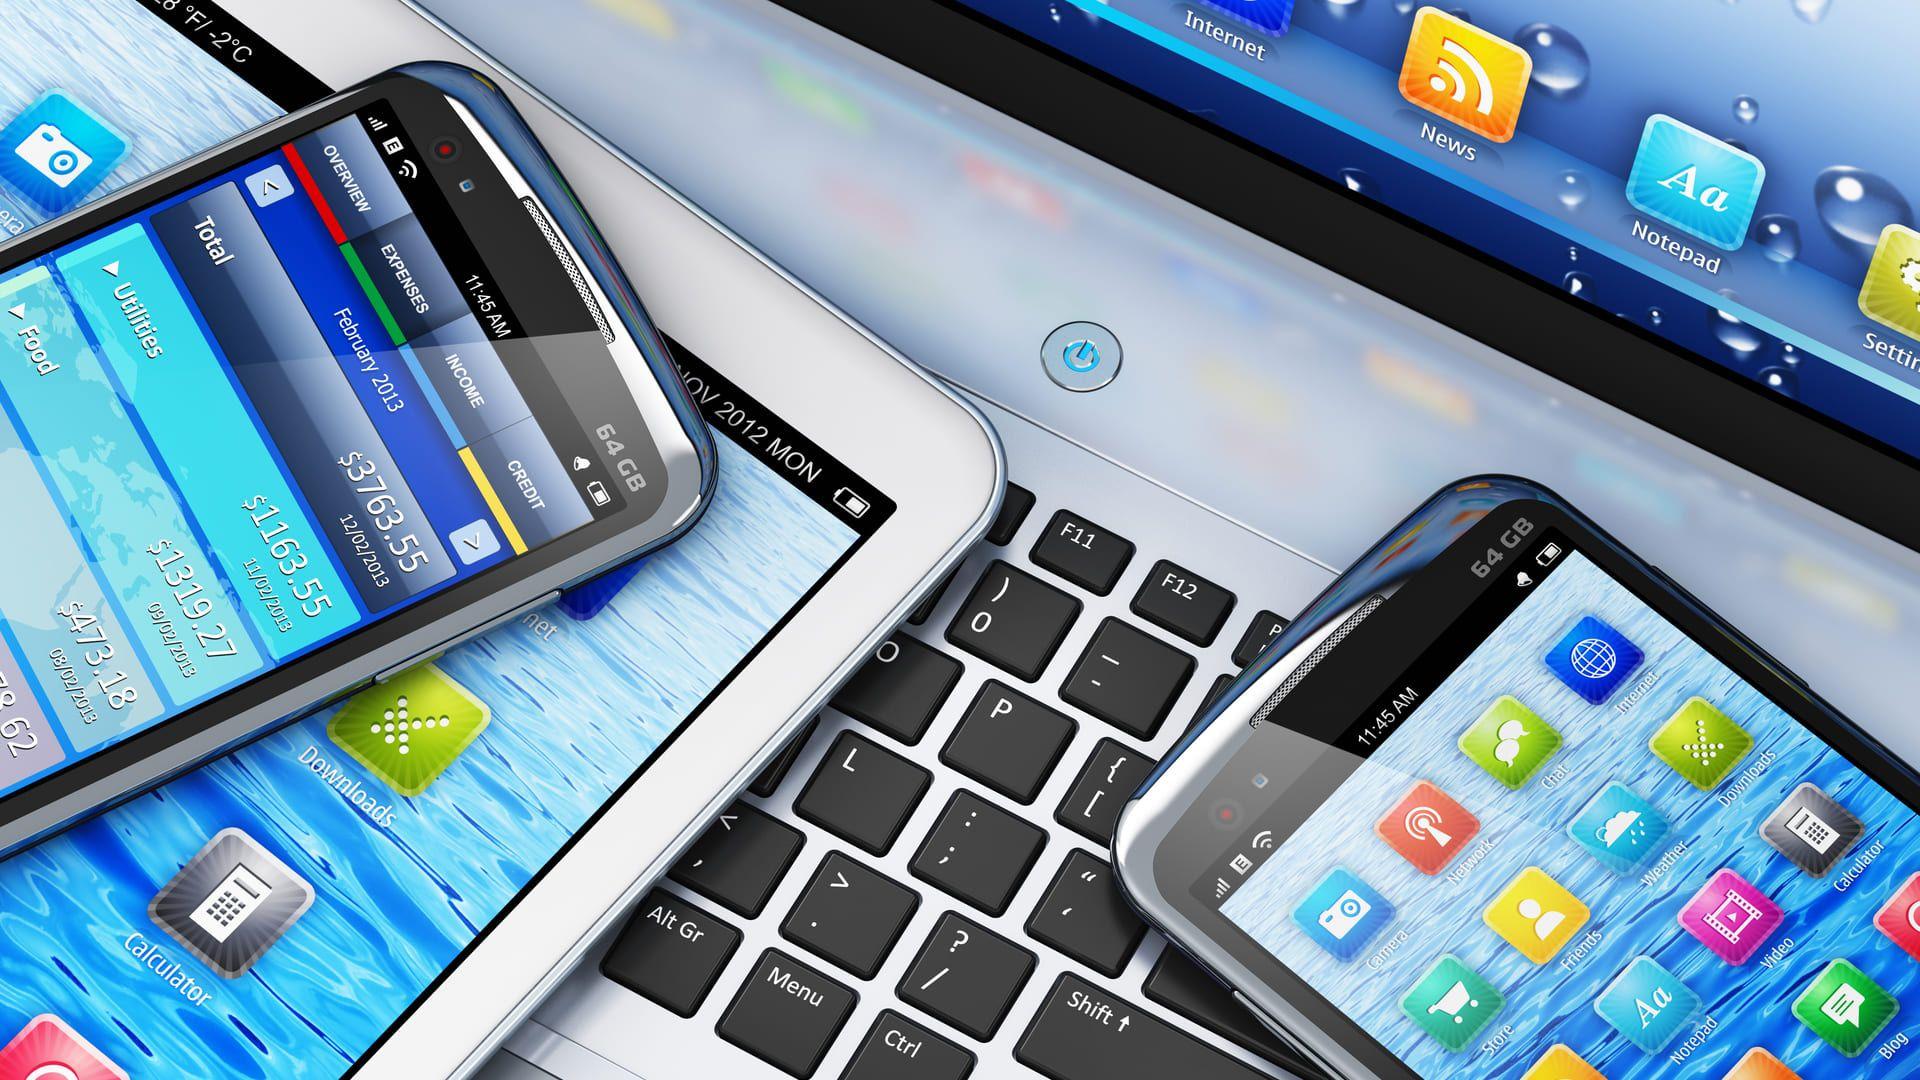 O que é app? São programas usados no celular (Foto: Shutterstock)